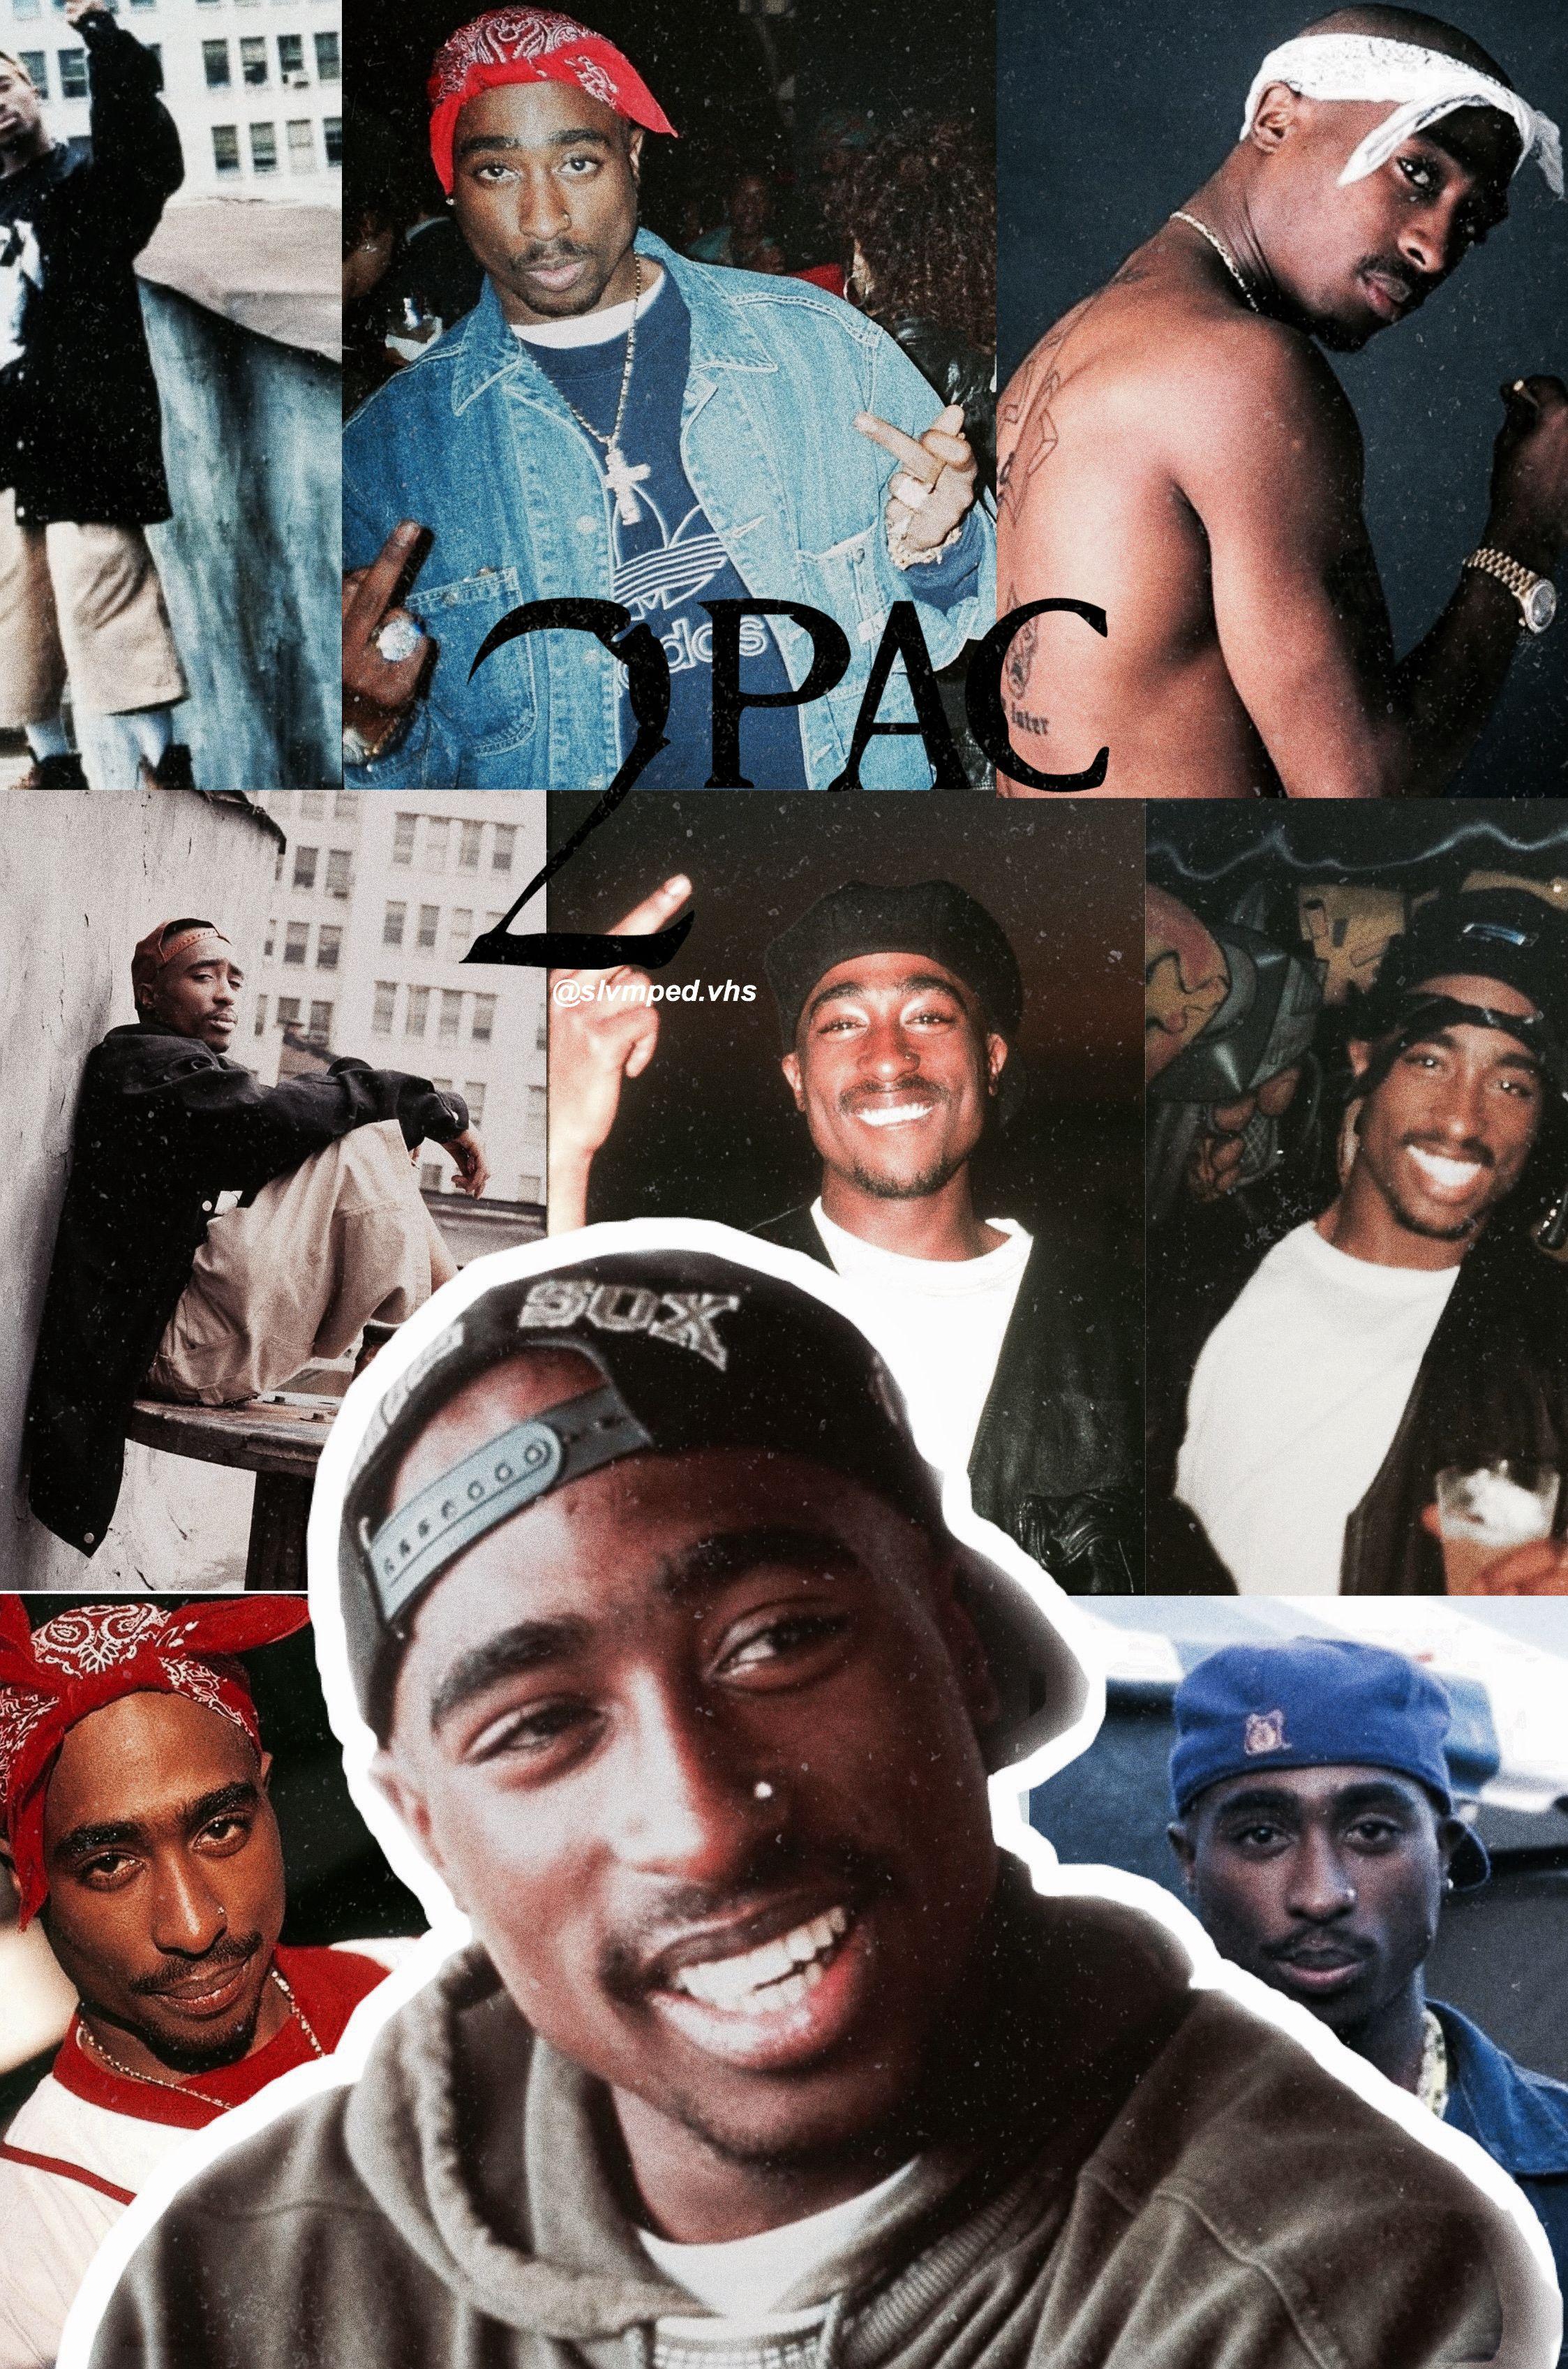 instagram vhslump tiktok slvmped vhs tupac wallpaper